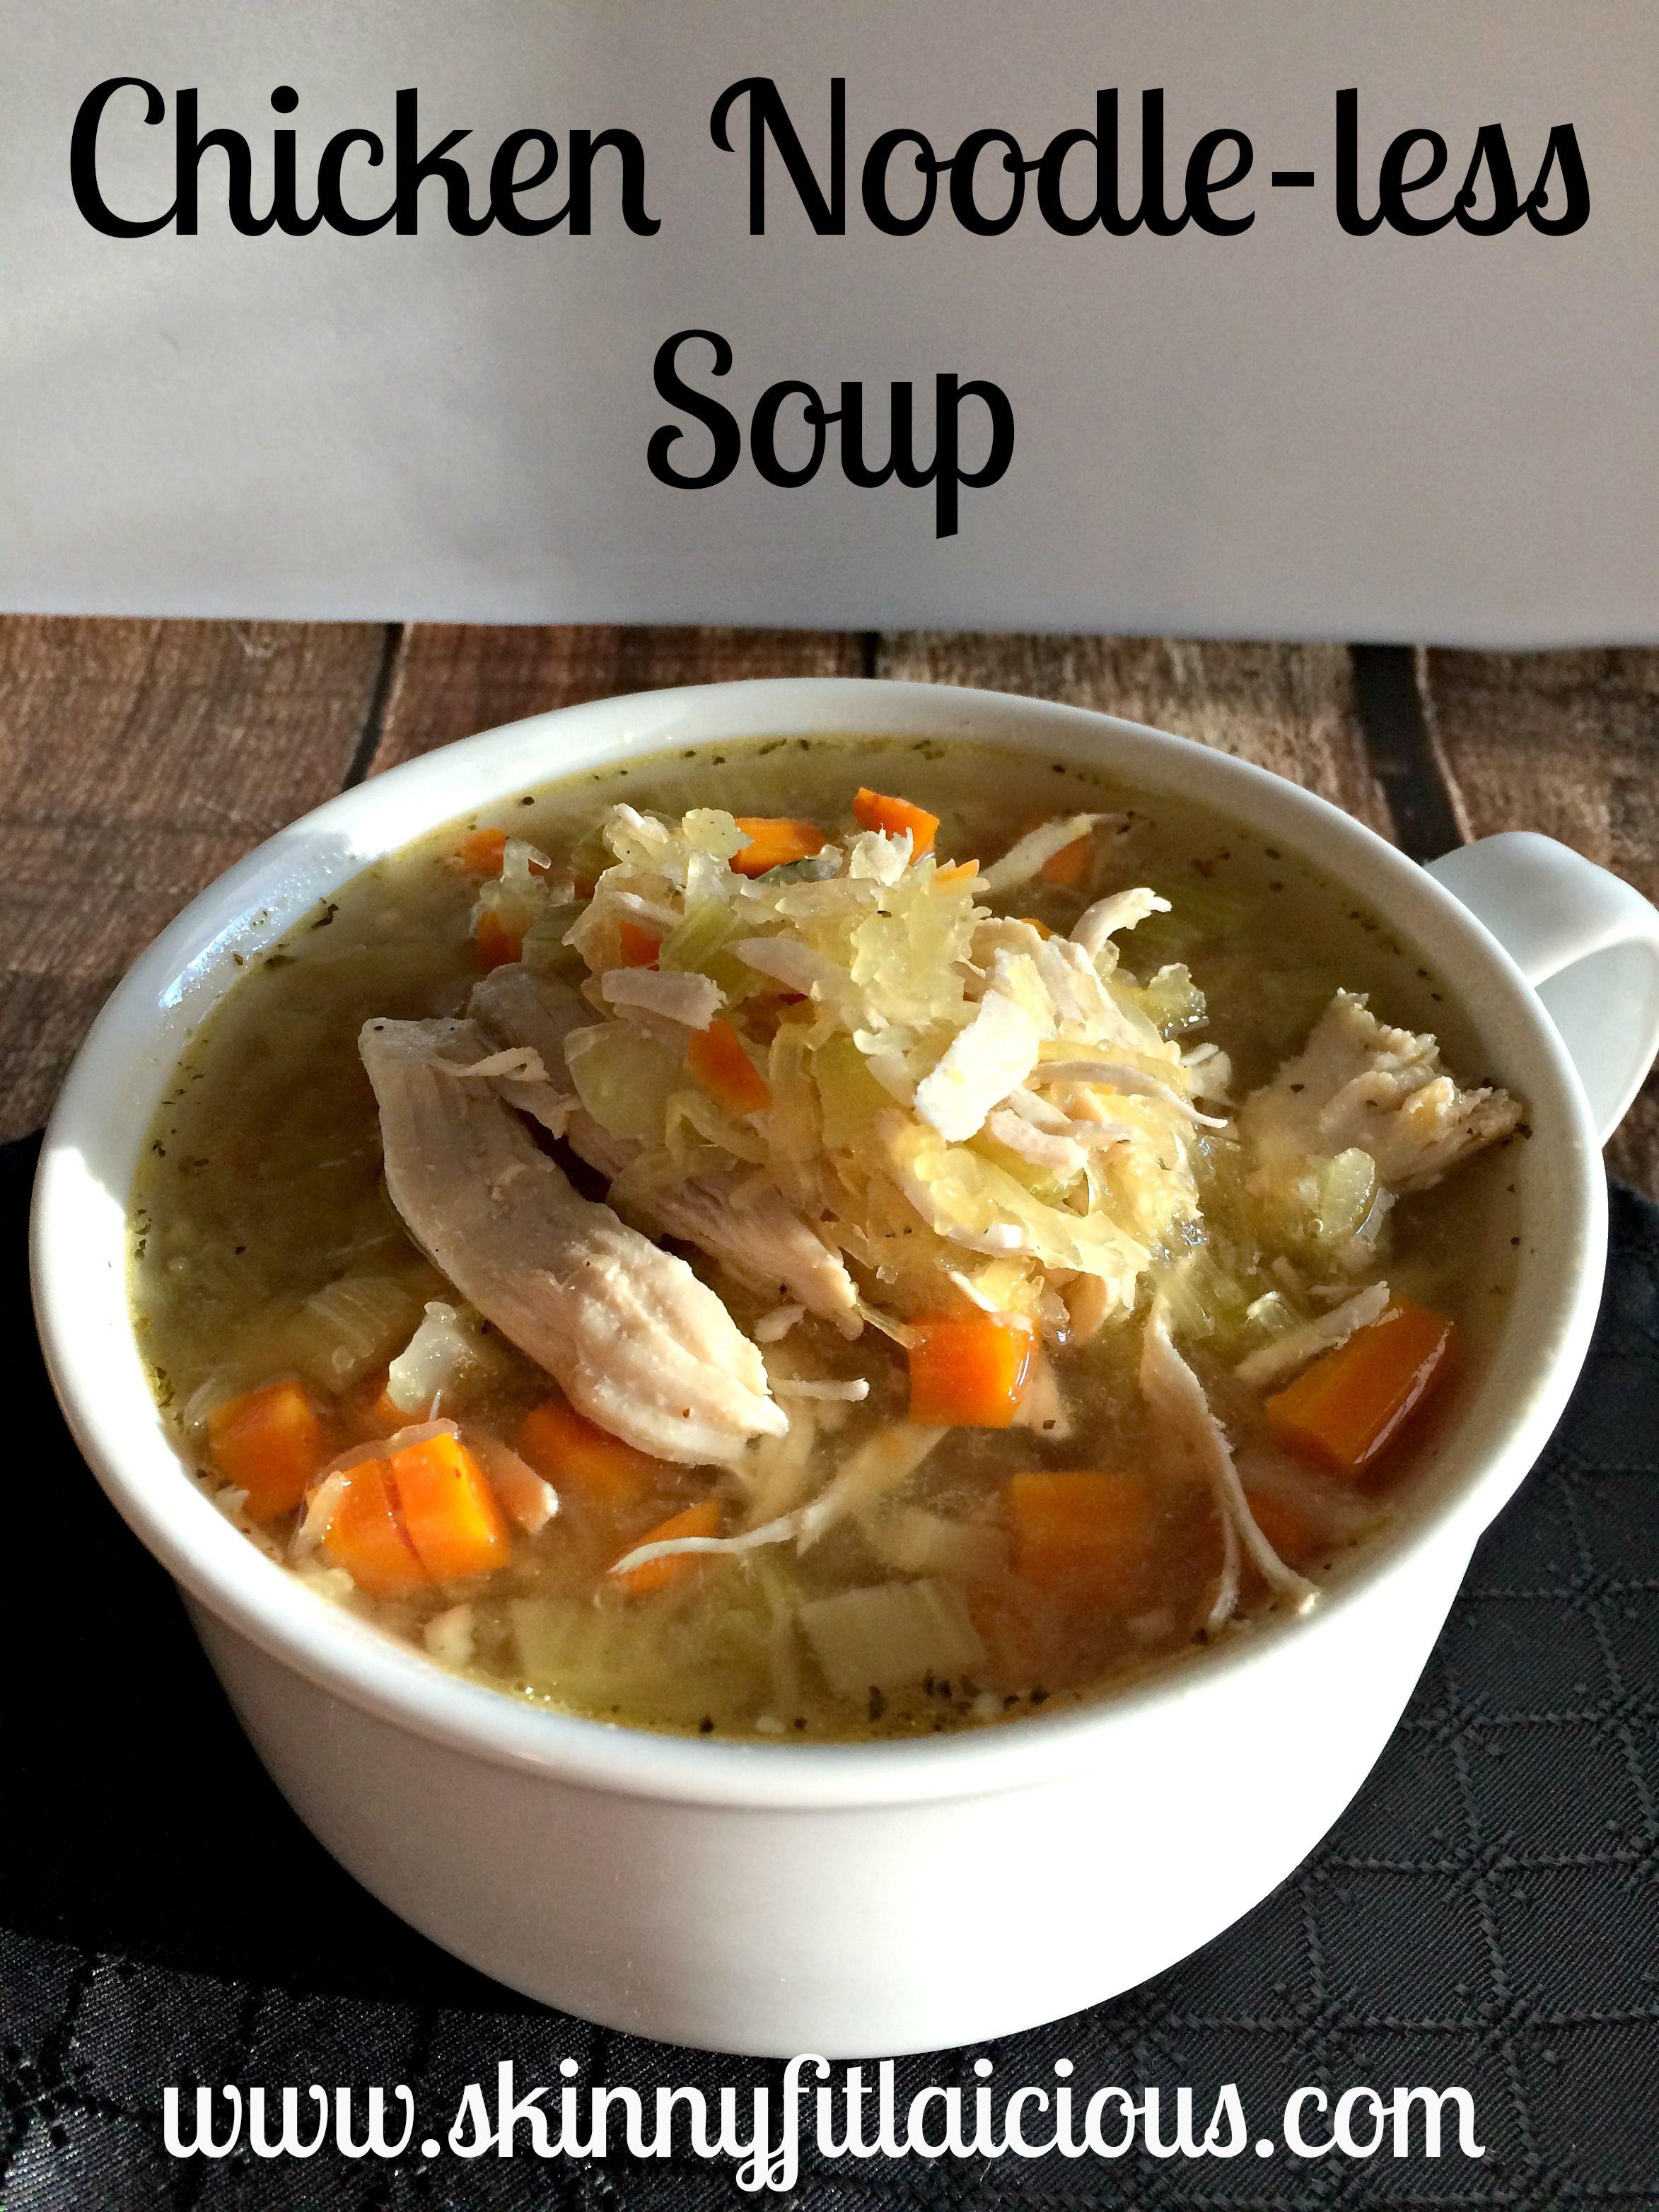 Chicken Noodle Less Soup